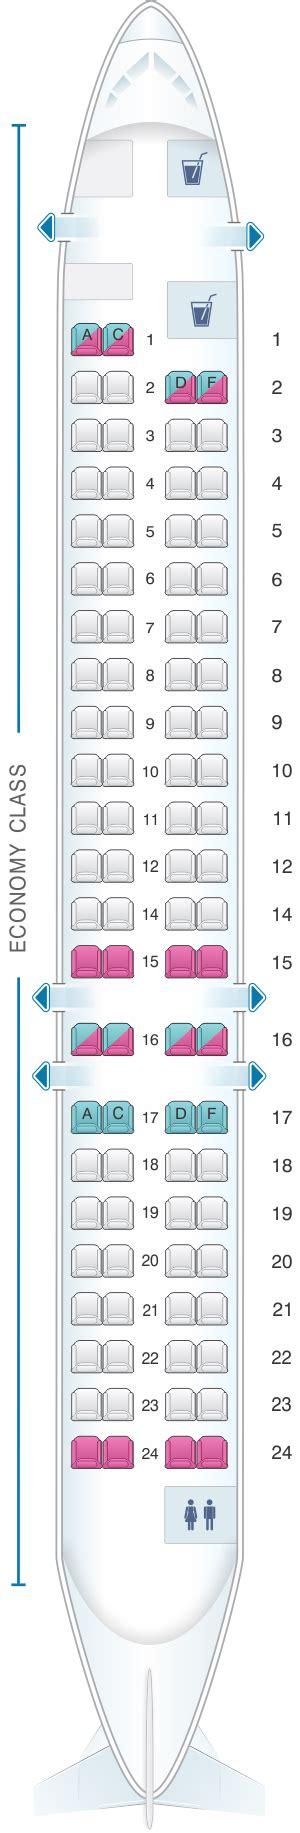 canadair regional jet seating seat map iberia regional air nostrum crj 900 seatmaestro